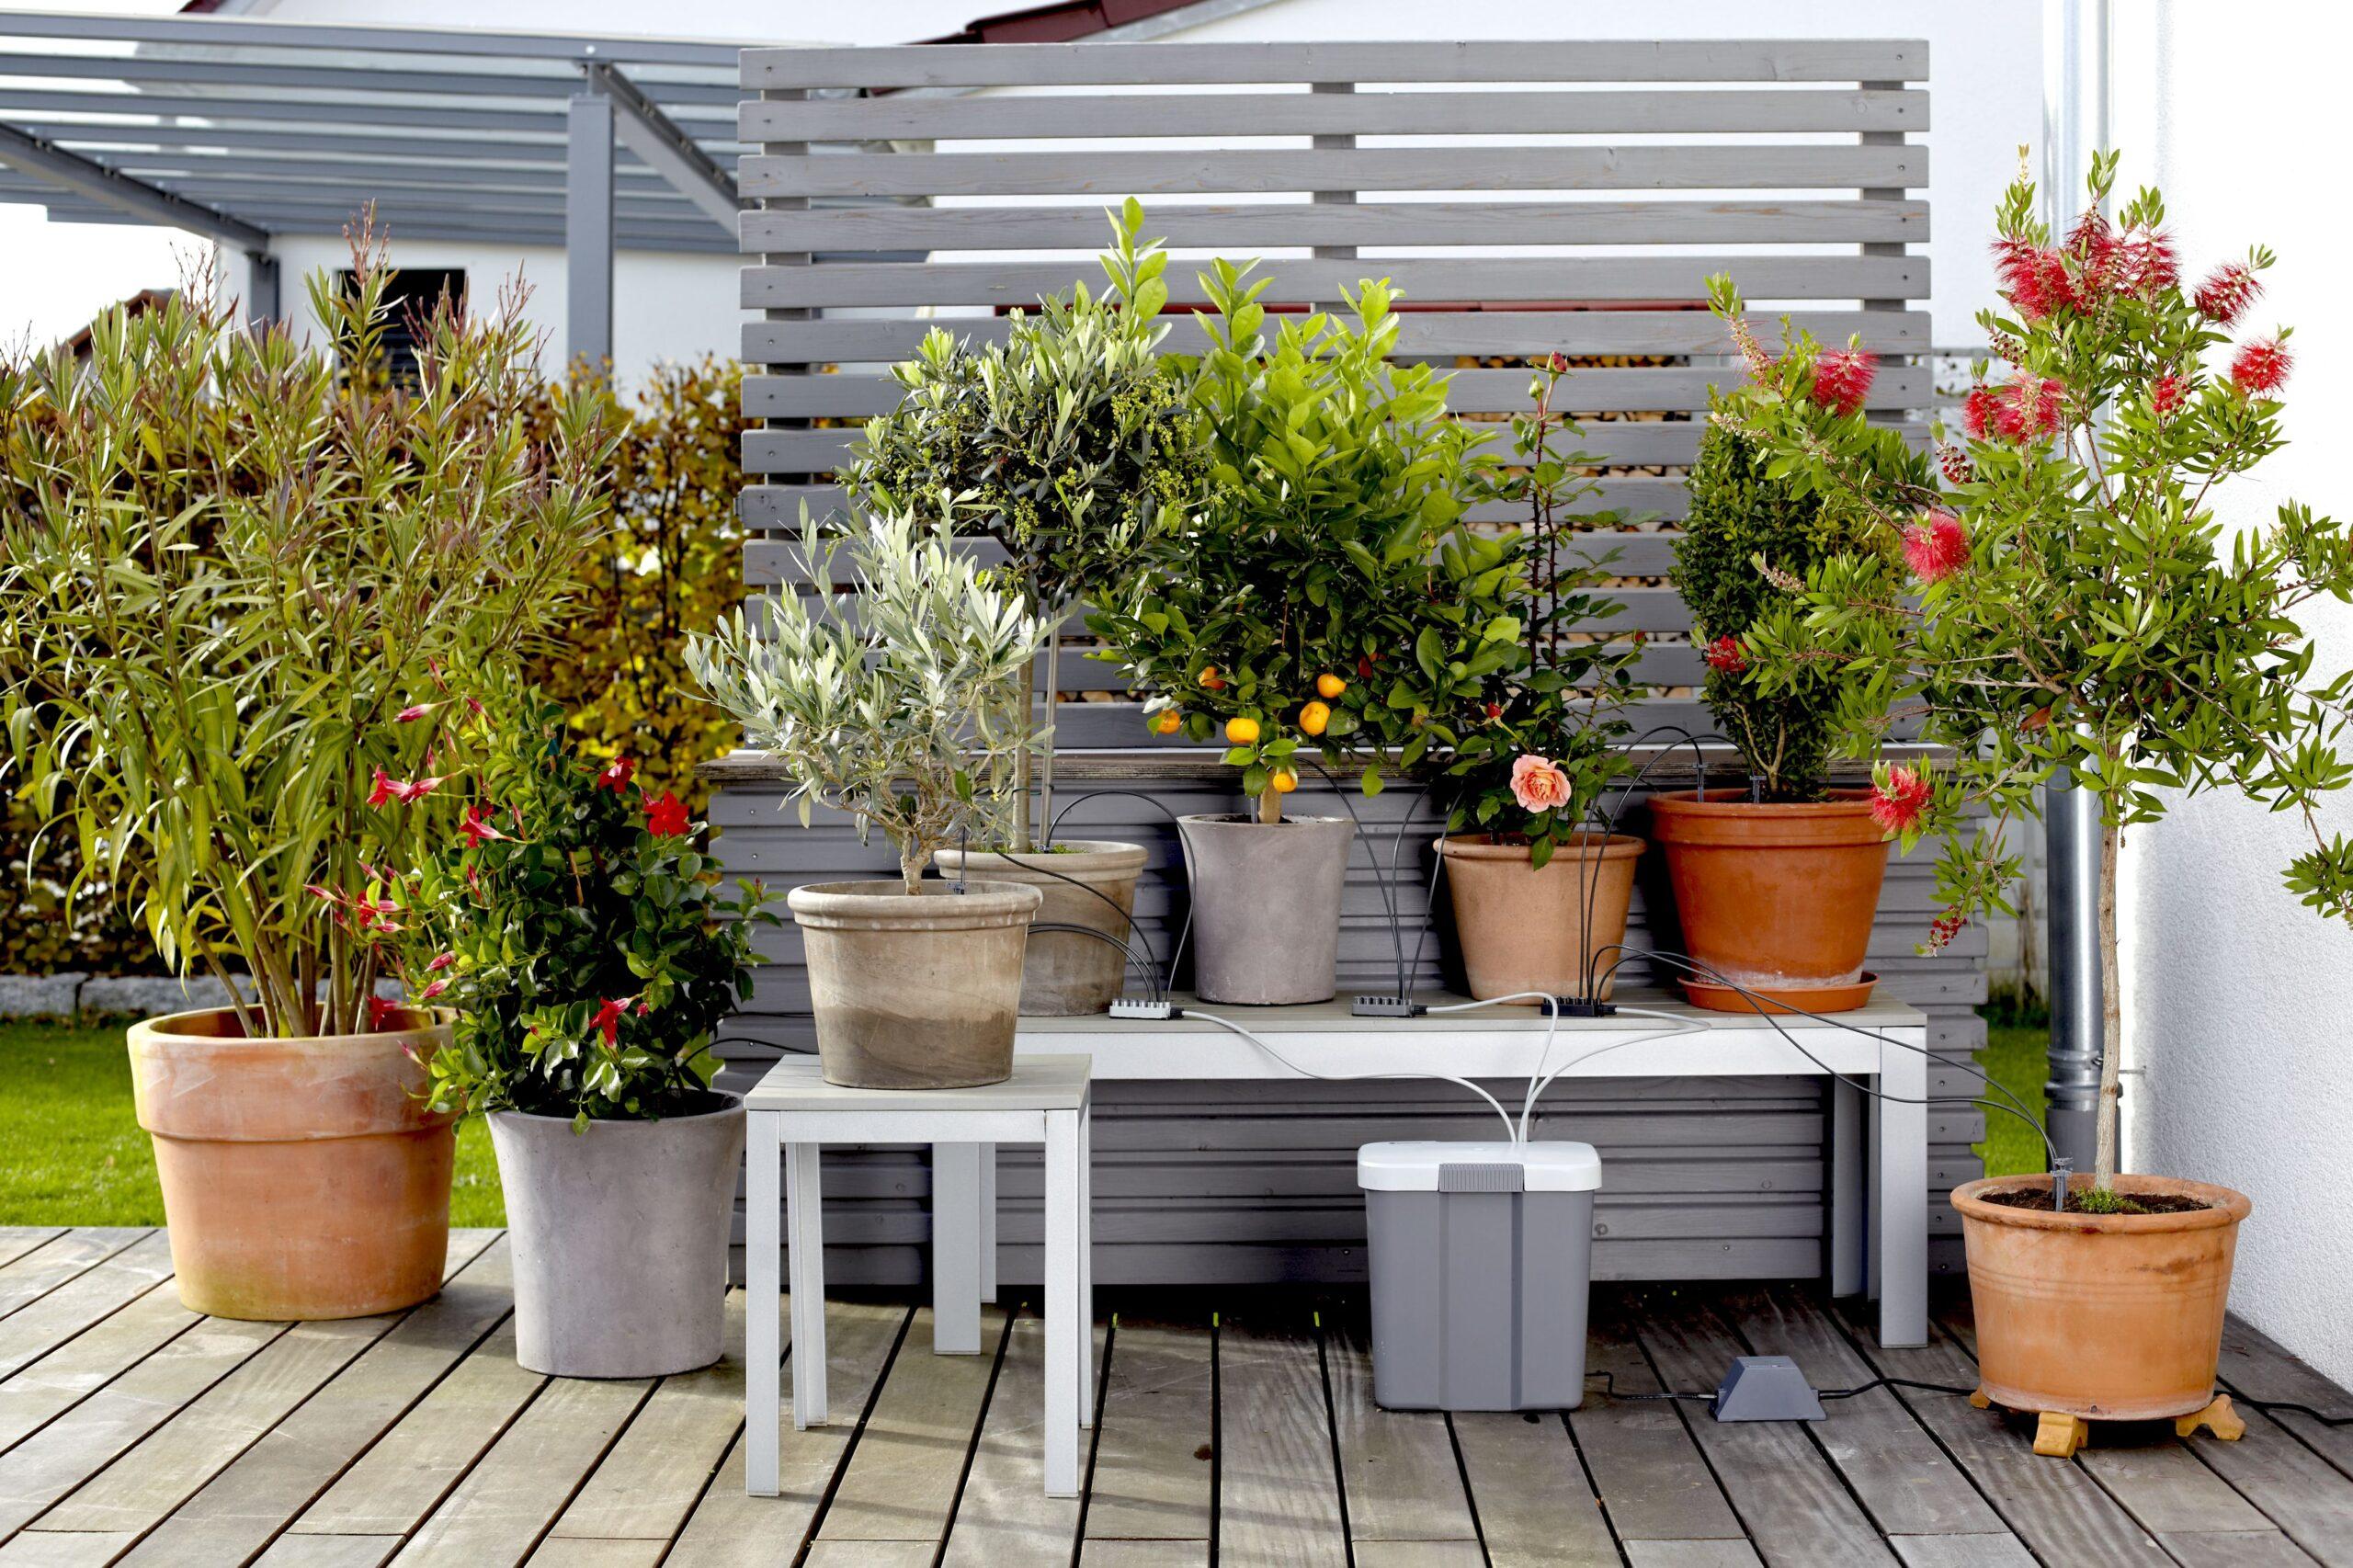 Full Size of Bewässerung Balkon Bewsserung Aber Mit System Willkommen In Franks Kleinem Garten Bewässerungssysteme Bewässerungssystem Test Automatisch Wohnzimmer Bewässerung Balkon